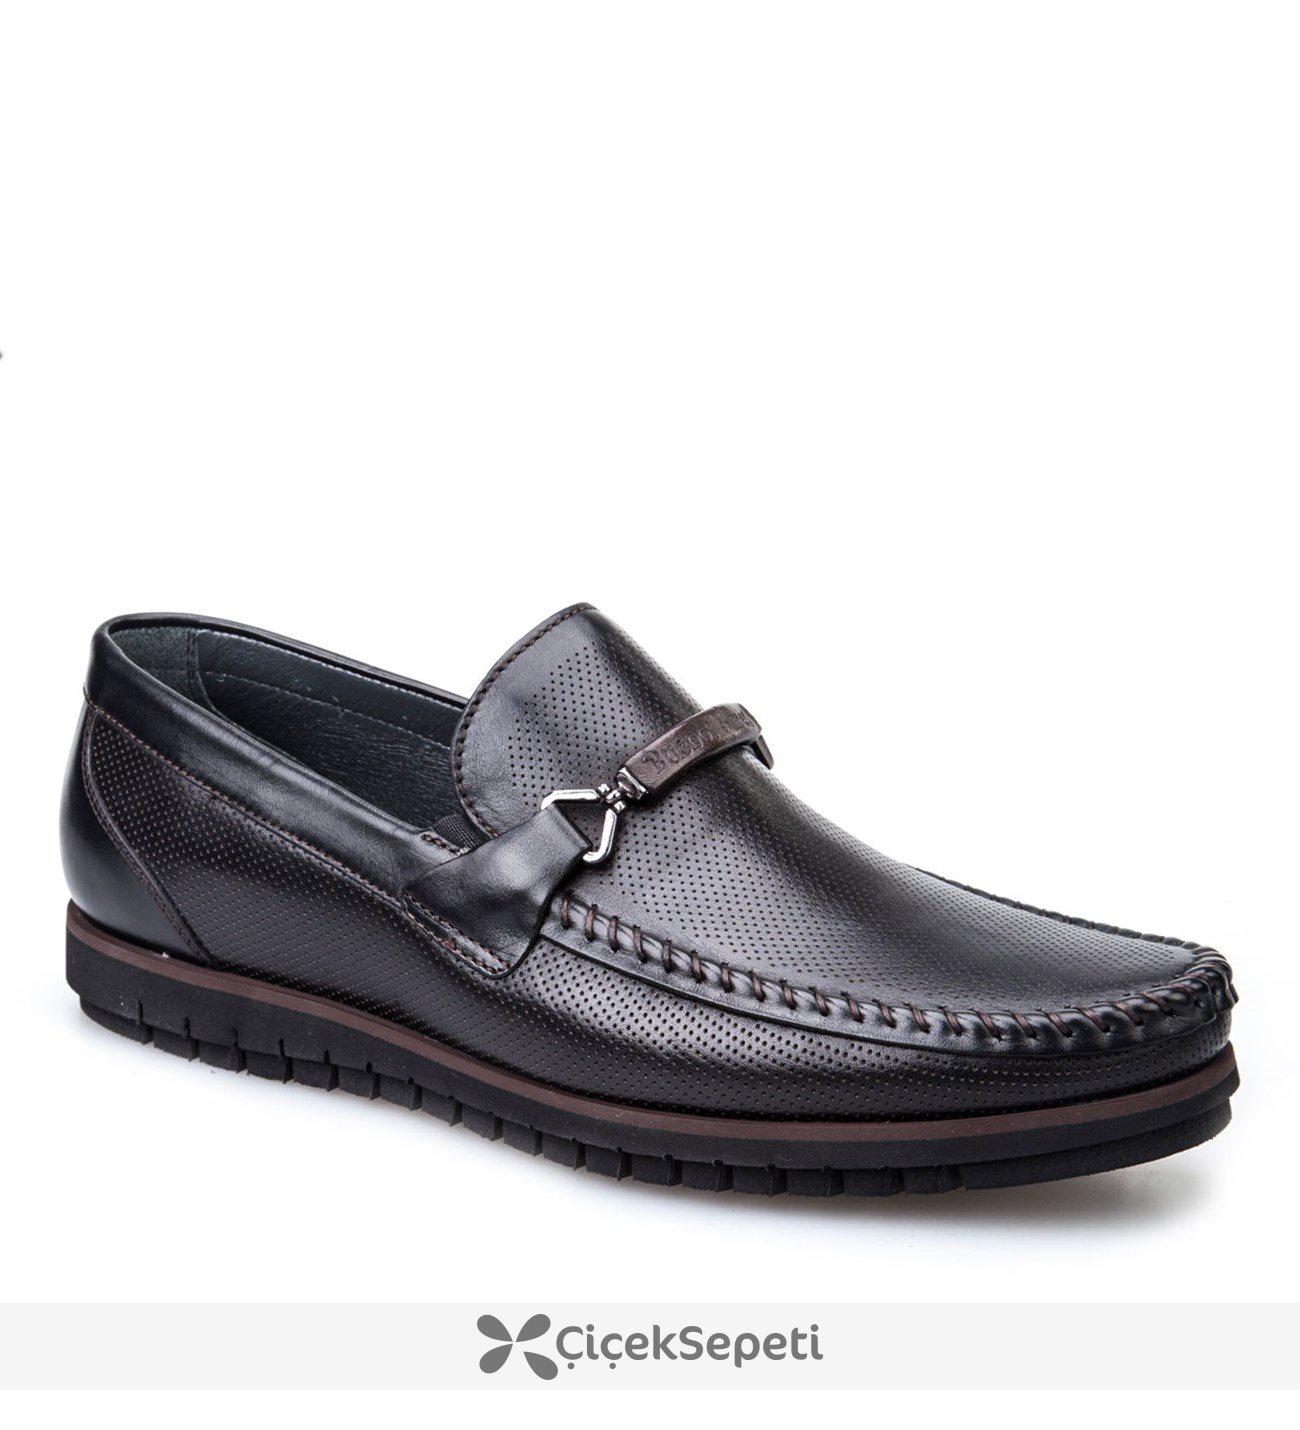 Cabani Light Taban Günlük Erkek Ayakkabı Siyah Deri